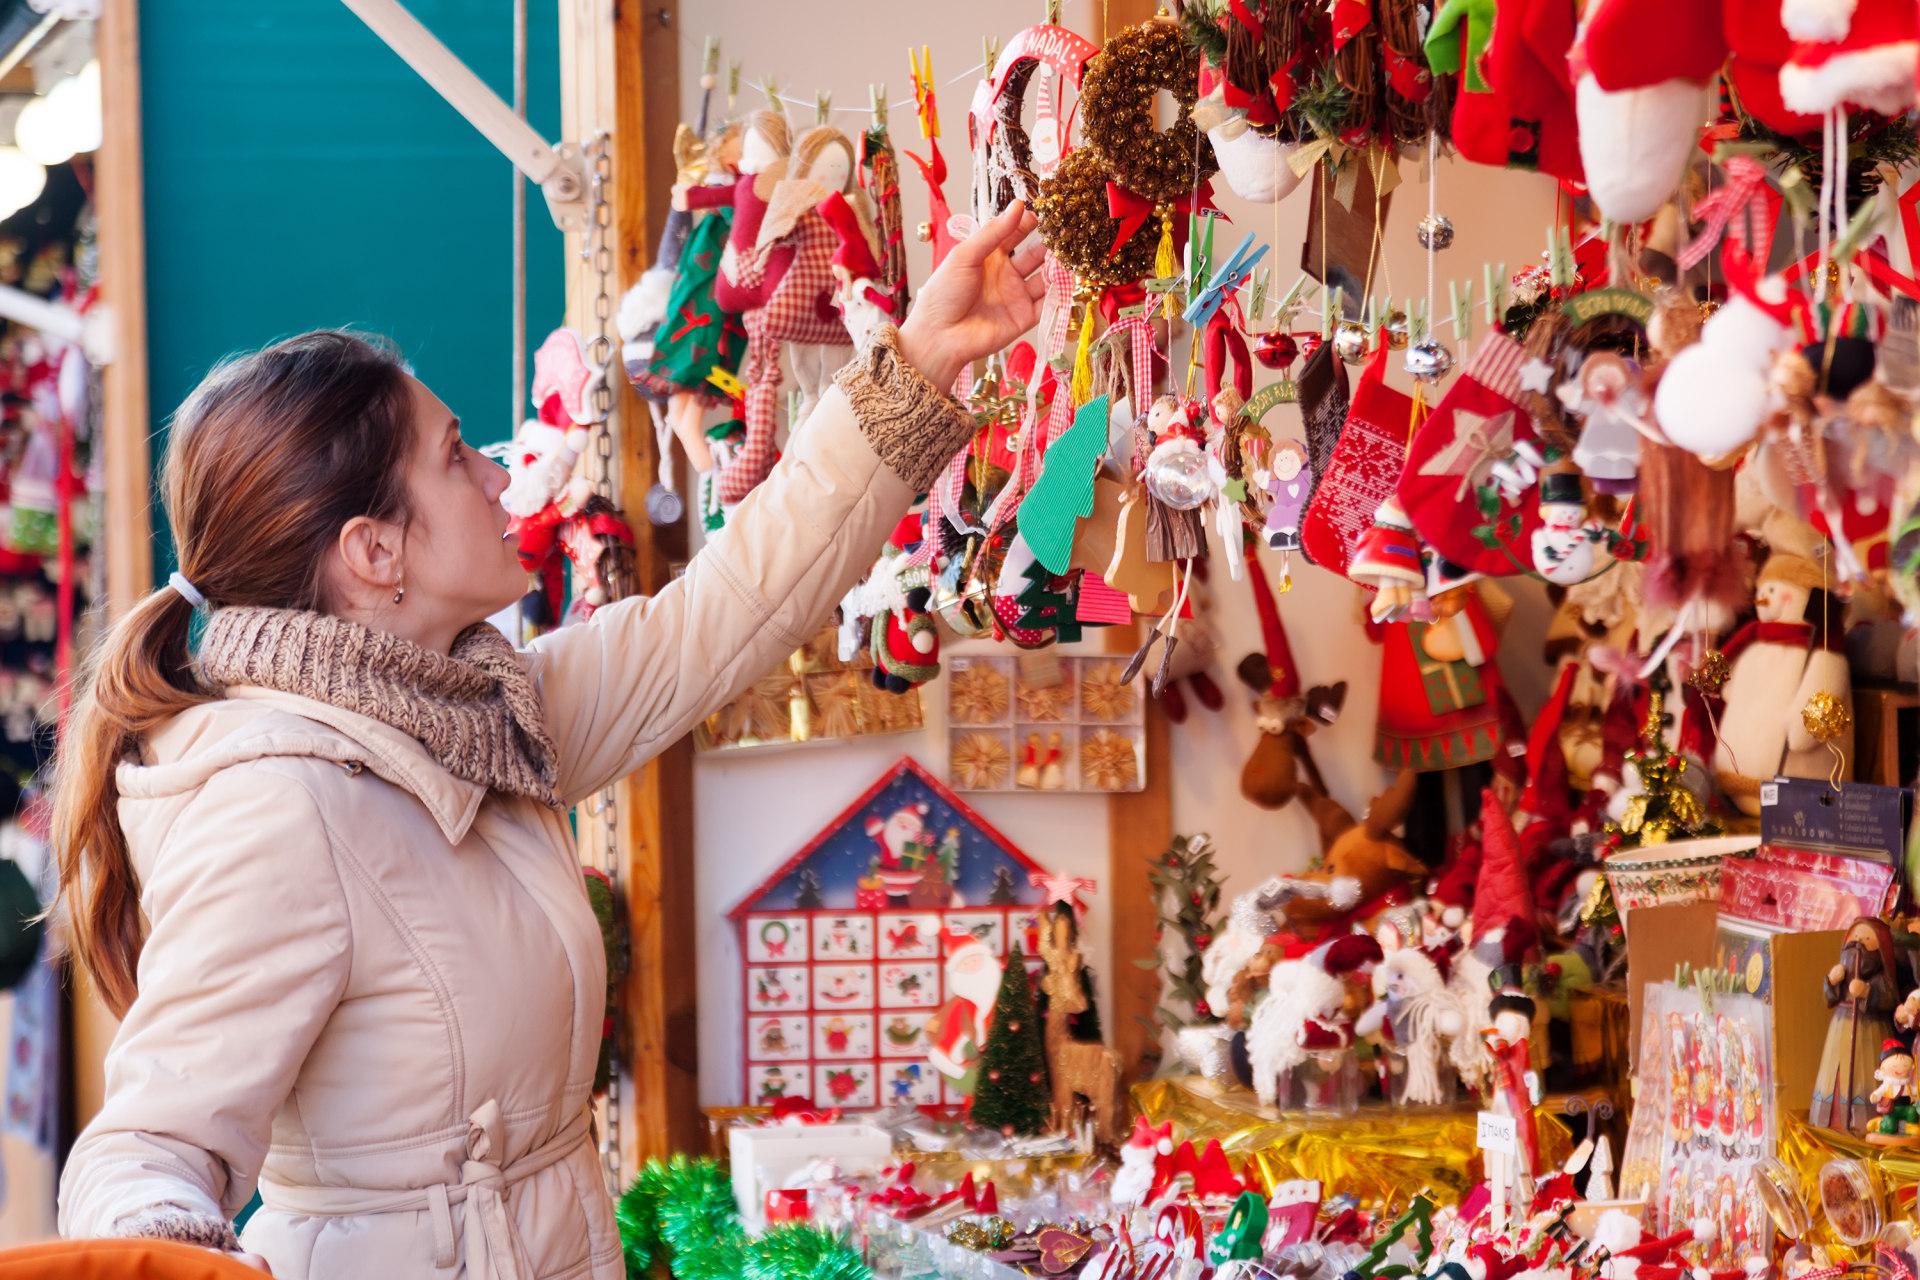 mercadillo navidad mujer comprando